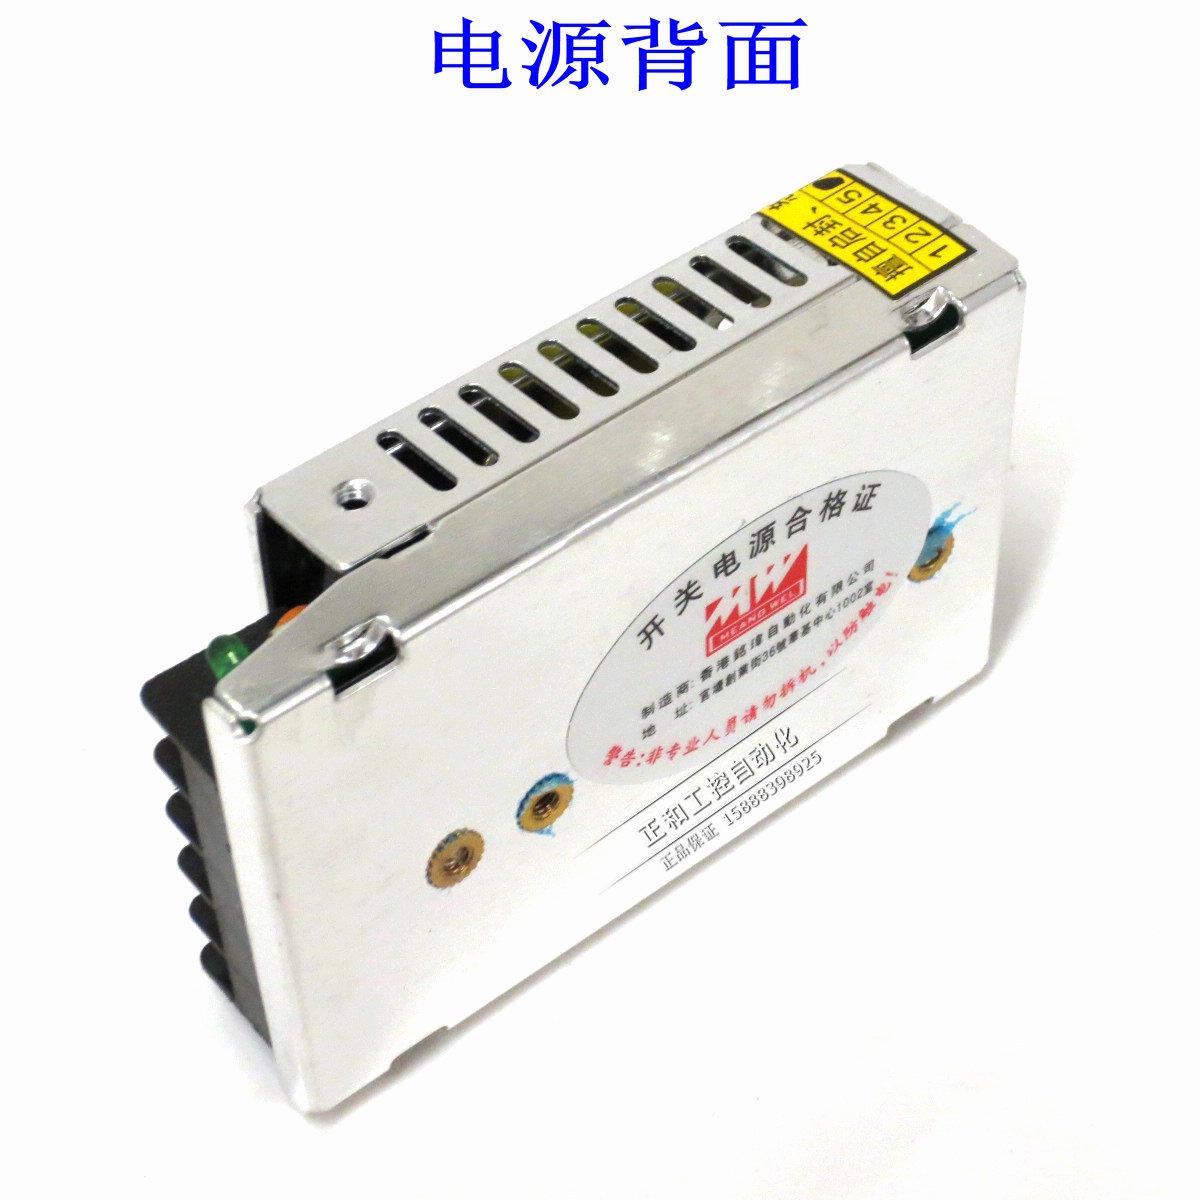 超薄小型明纬开关电源 直流输出10W 24V/0.5A开关电源SS-10-24V